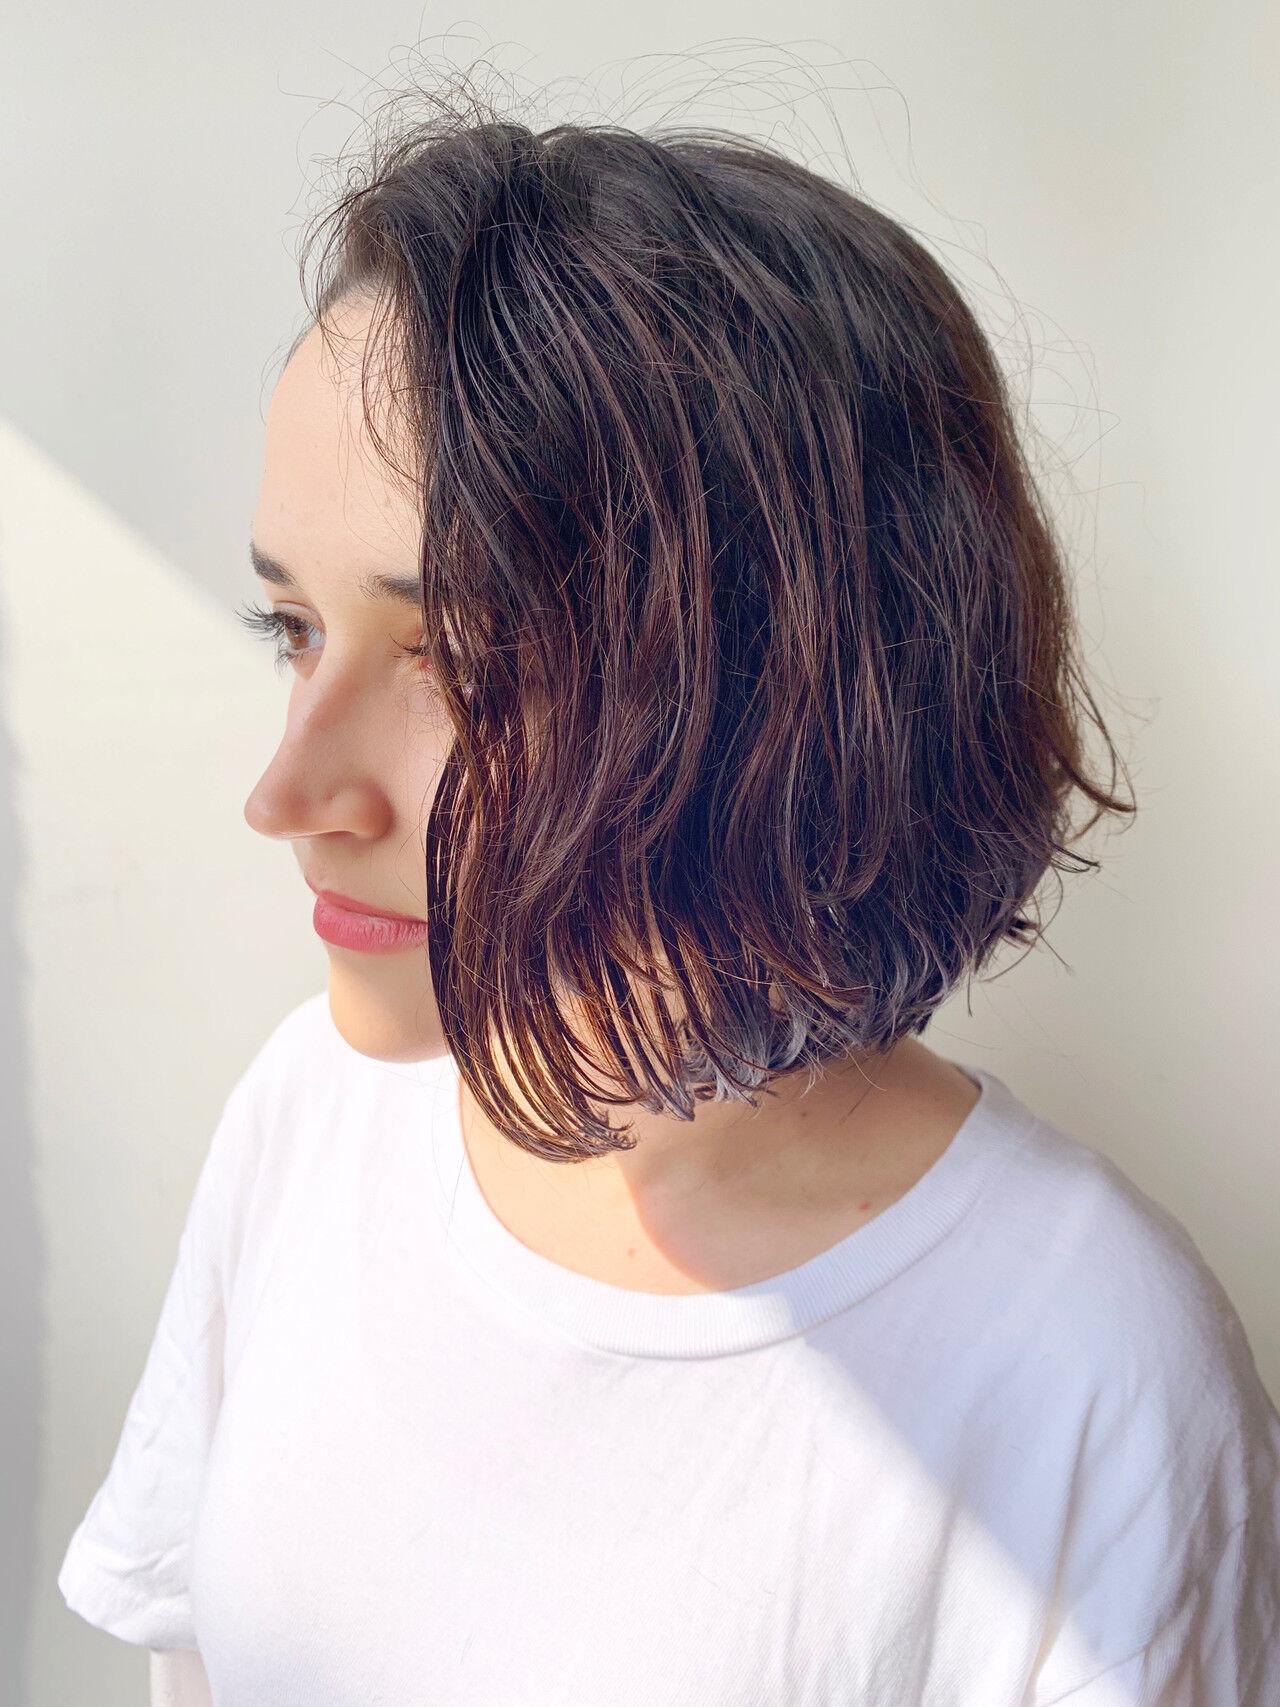 ばっさり アンニュイほつれヘア ナチュラル パーマヘアスタイルや髪型の写真・画像